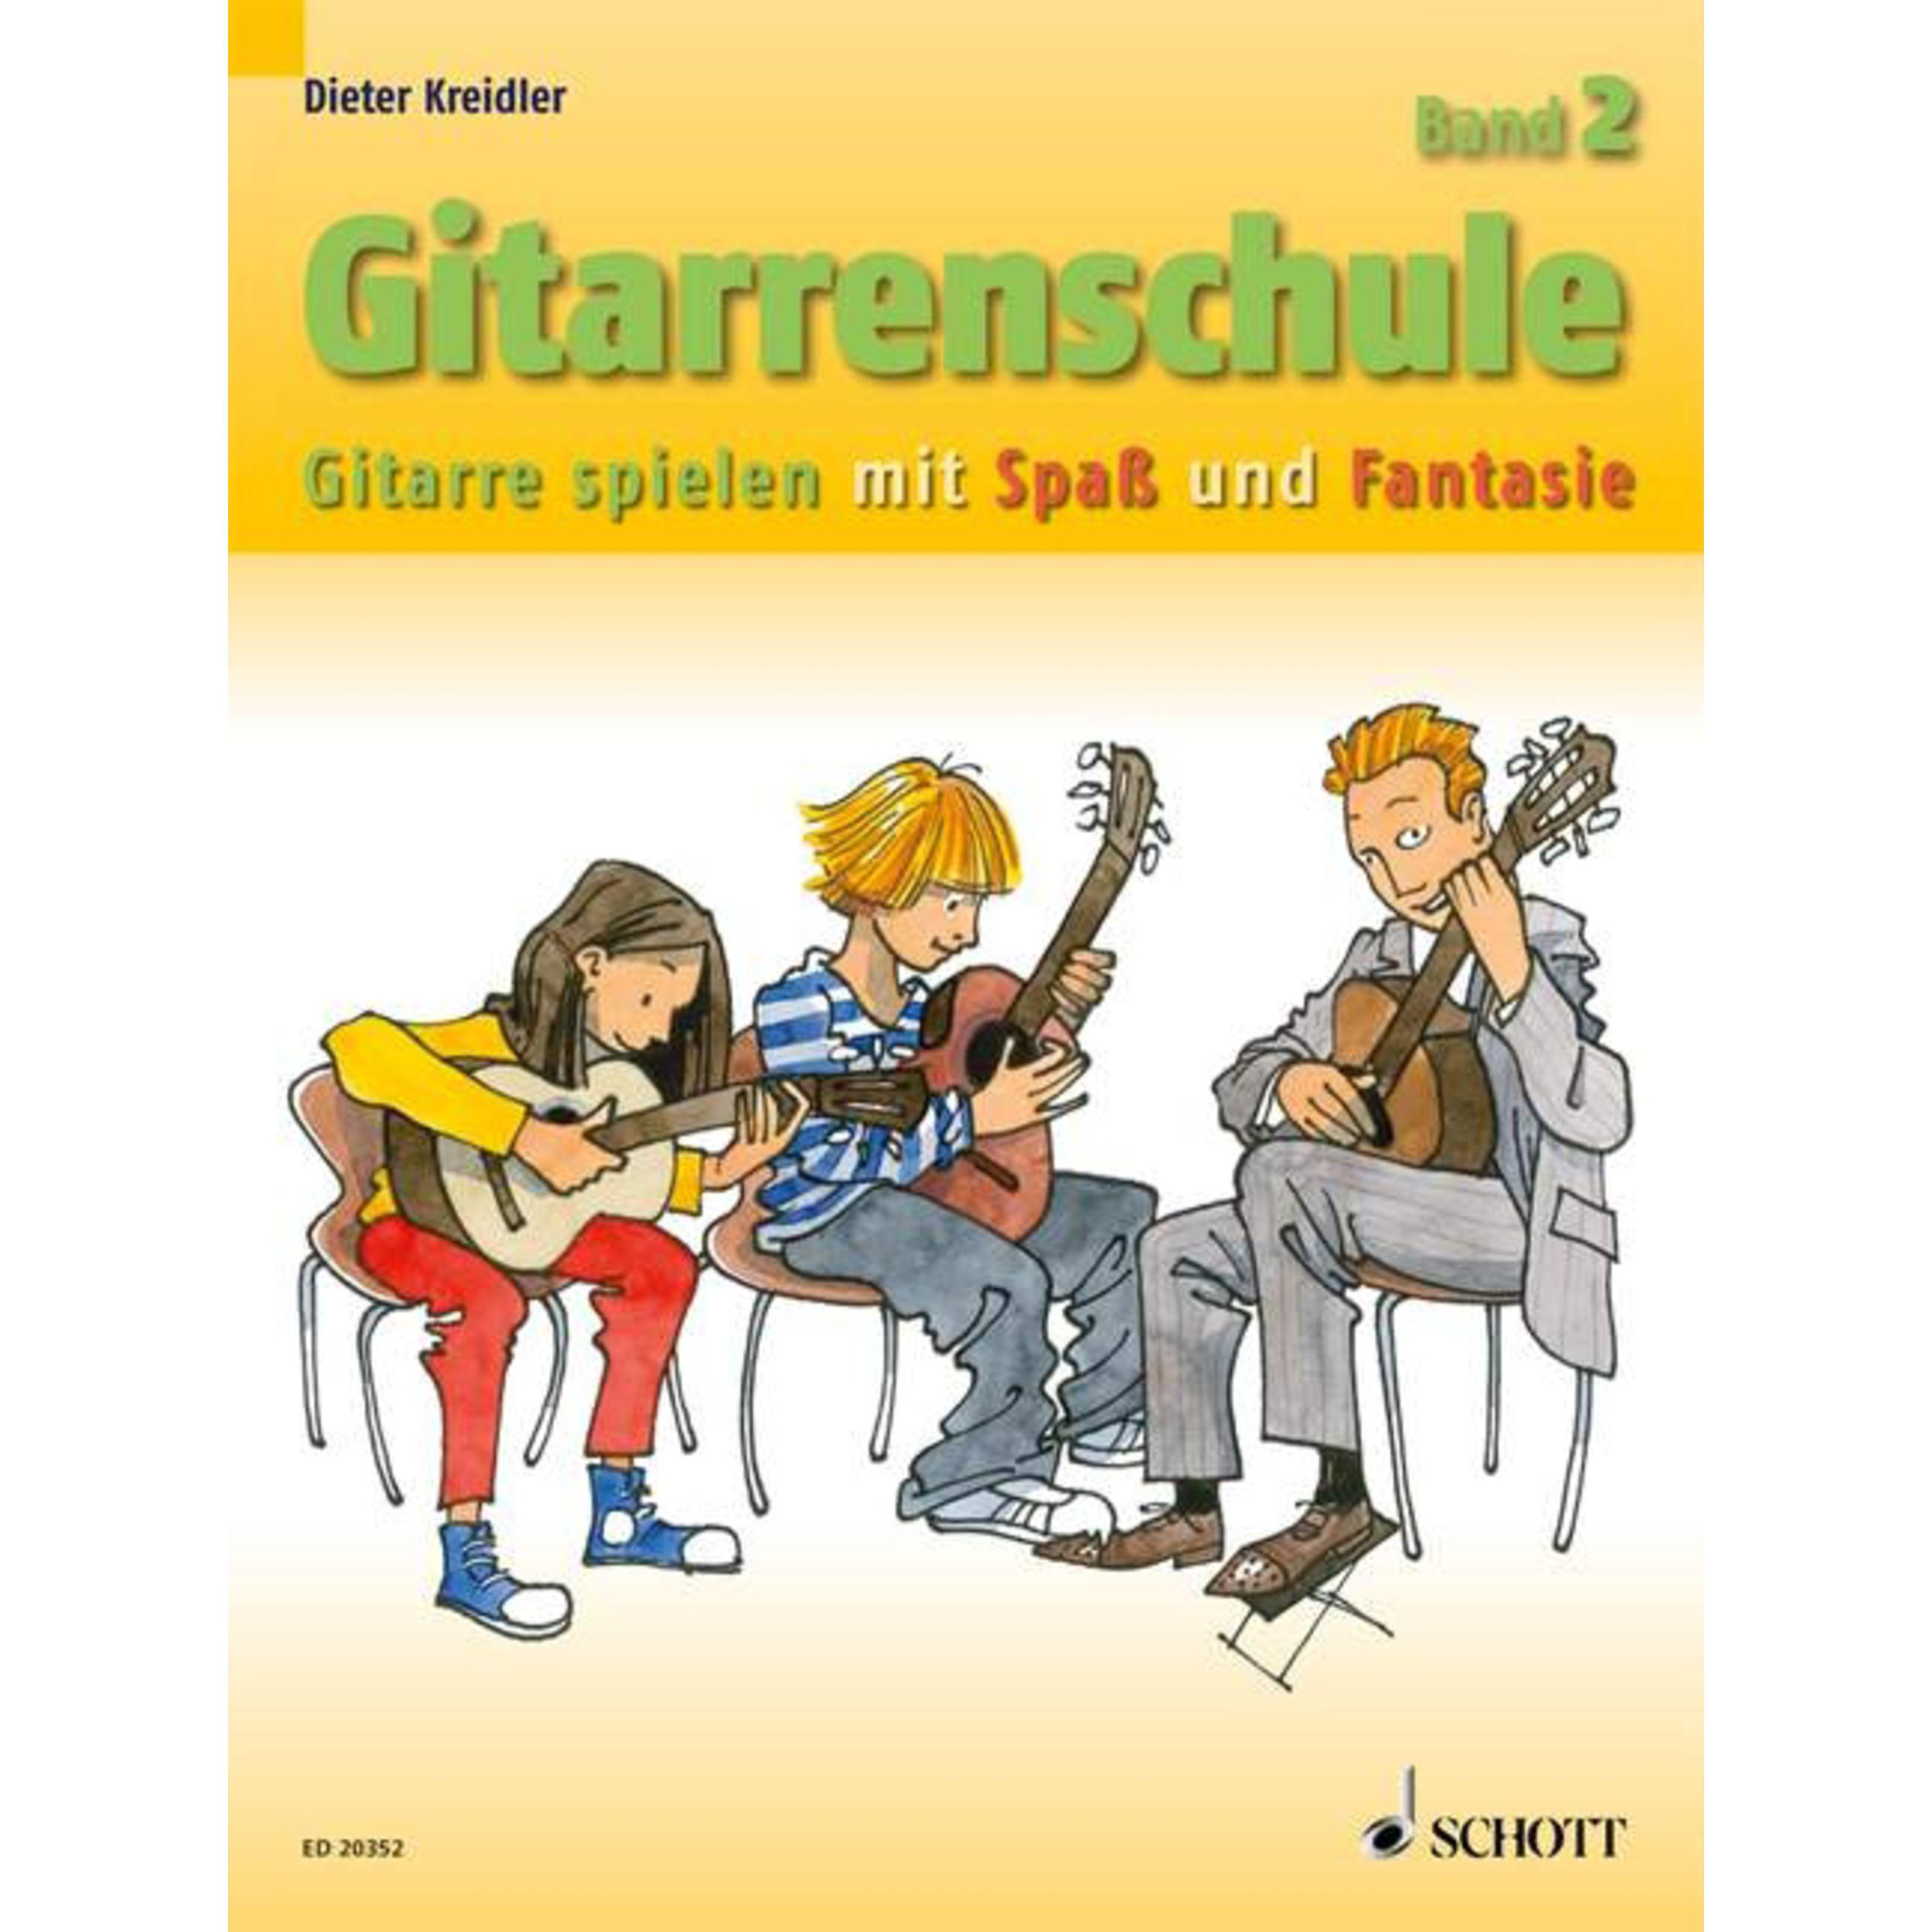 Schott Music - Gitarrenschule 2 D.Kreidler,Neufassung ED 20352